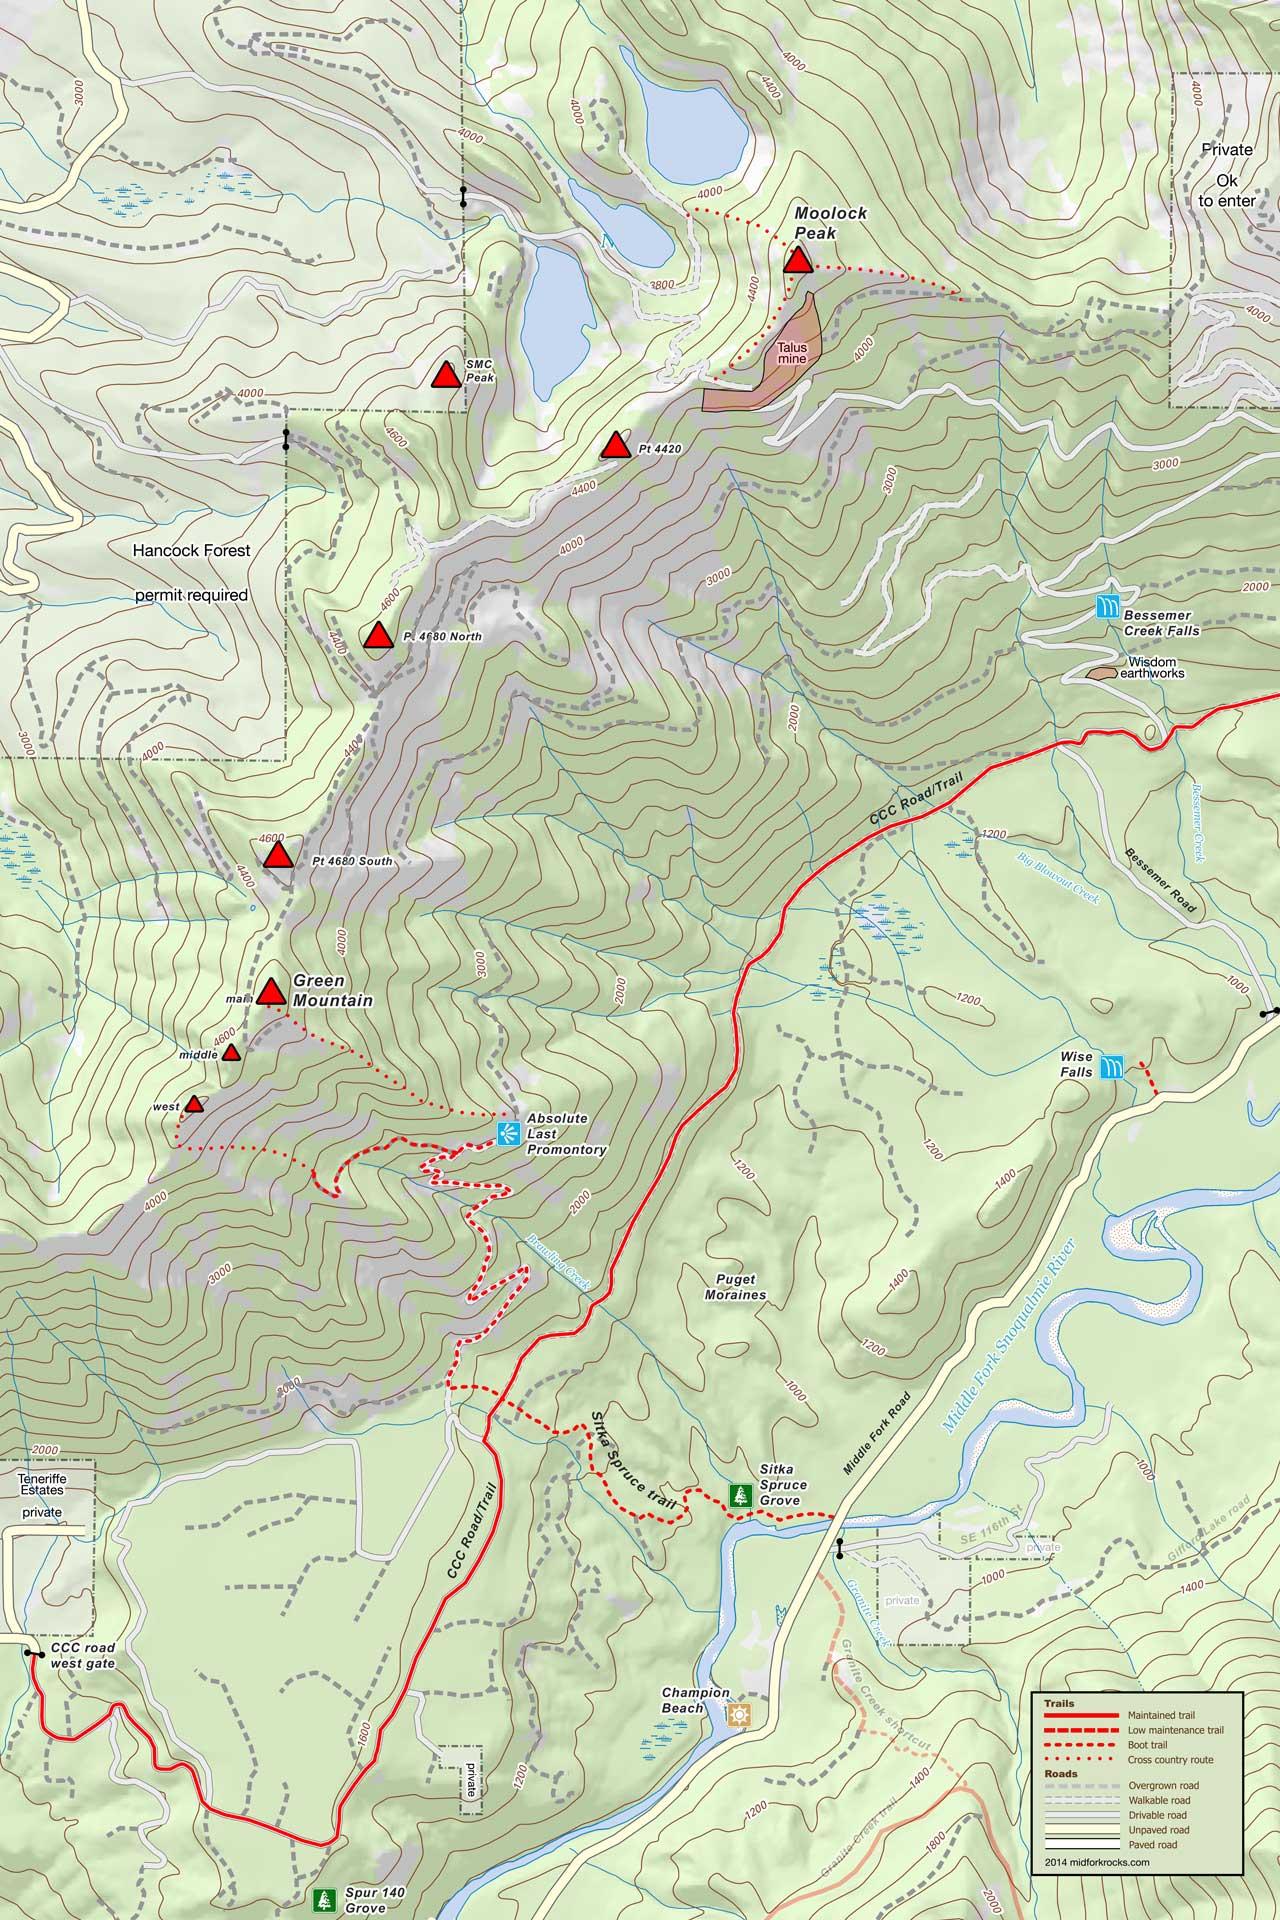 Green Mountain area